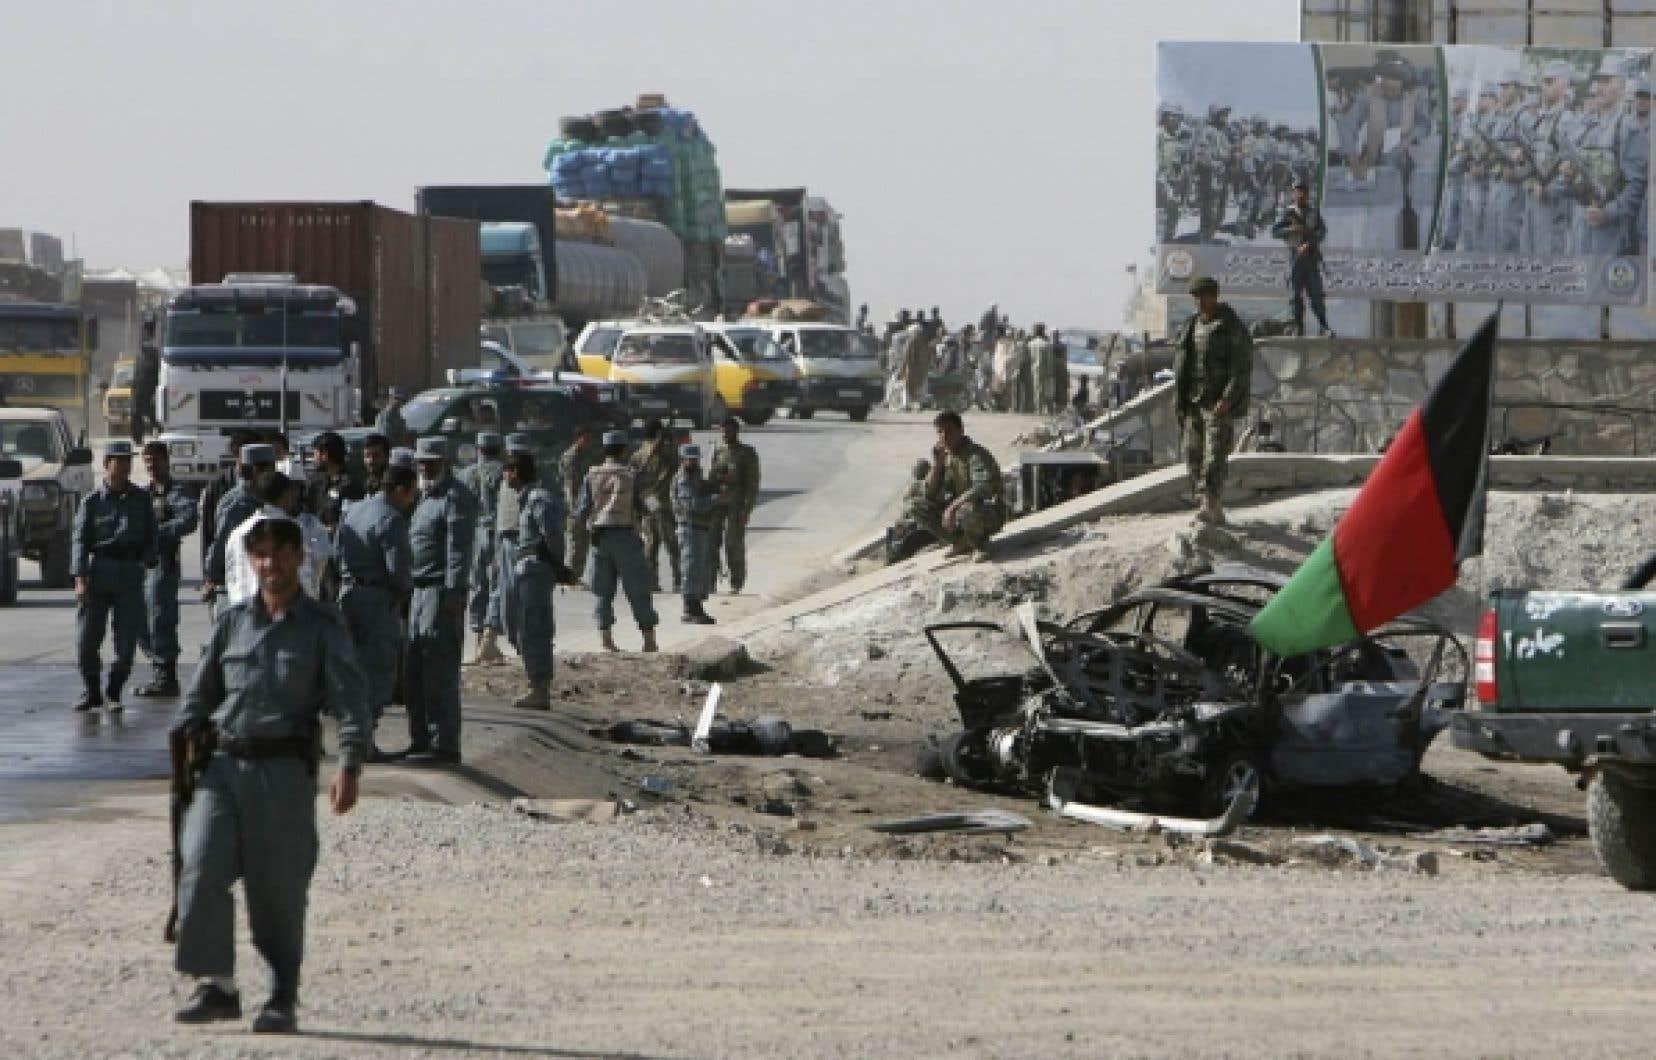 Les hostilités se poursuivent en Afghanistan. Hier, le gouverneur de la province de Ghazni a été tué par un kamikaze.<br />